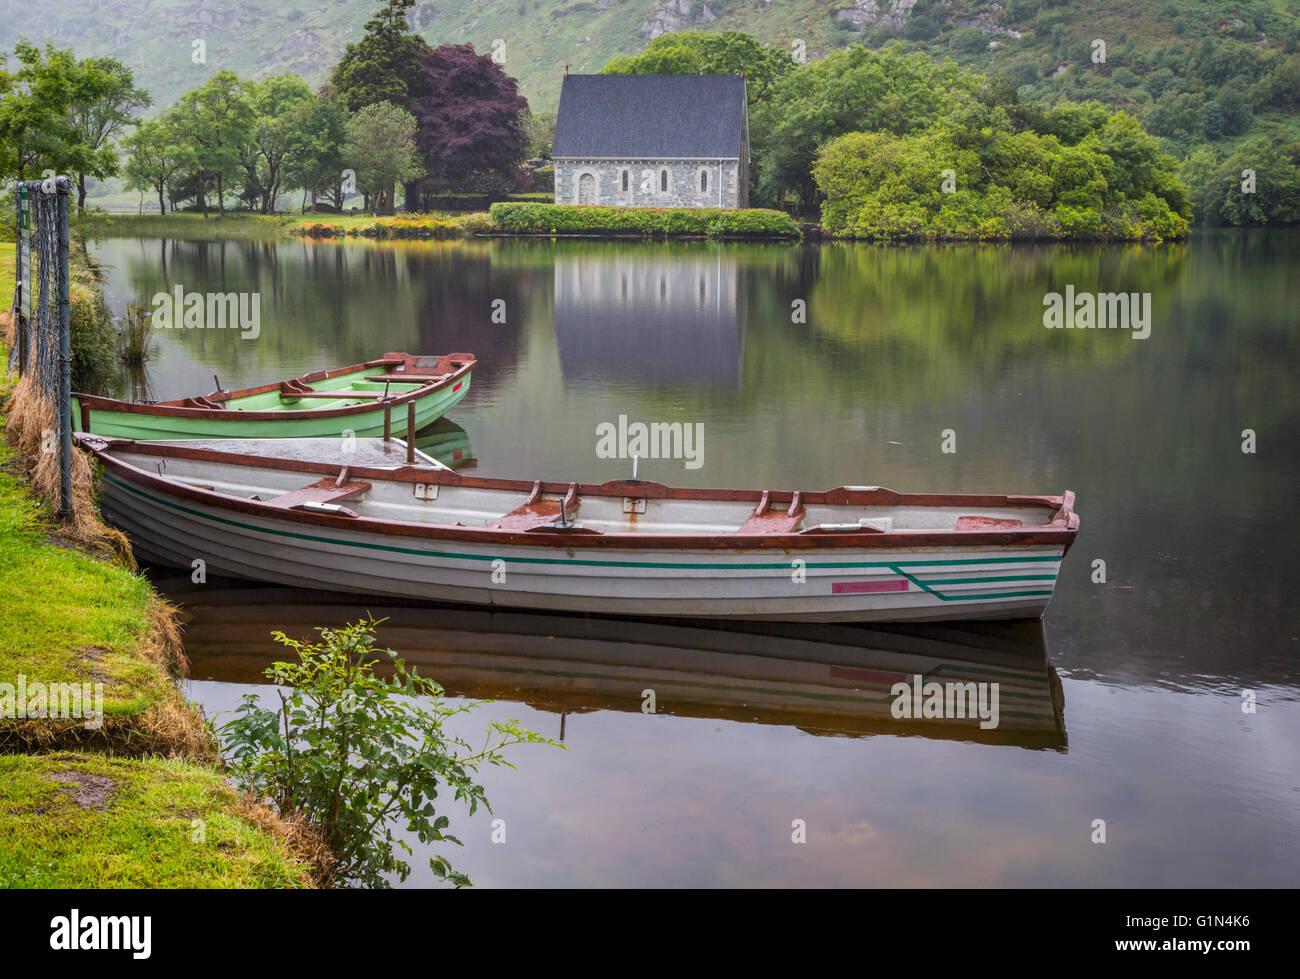 Gougane Barra, Condado de Cork, República de Irlanda. Eire. Mirando a través de botes a remo amarrado Imagen De Stock